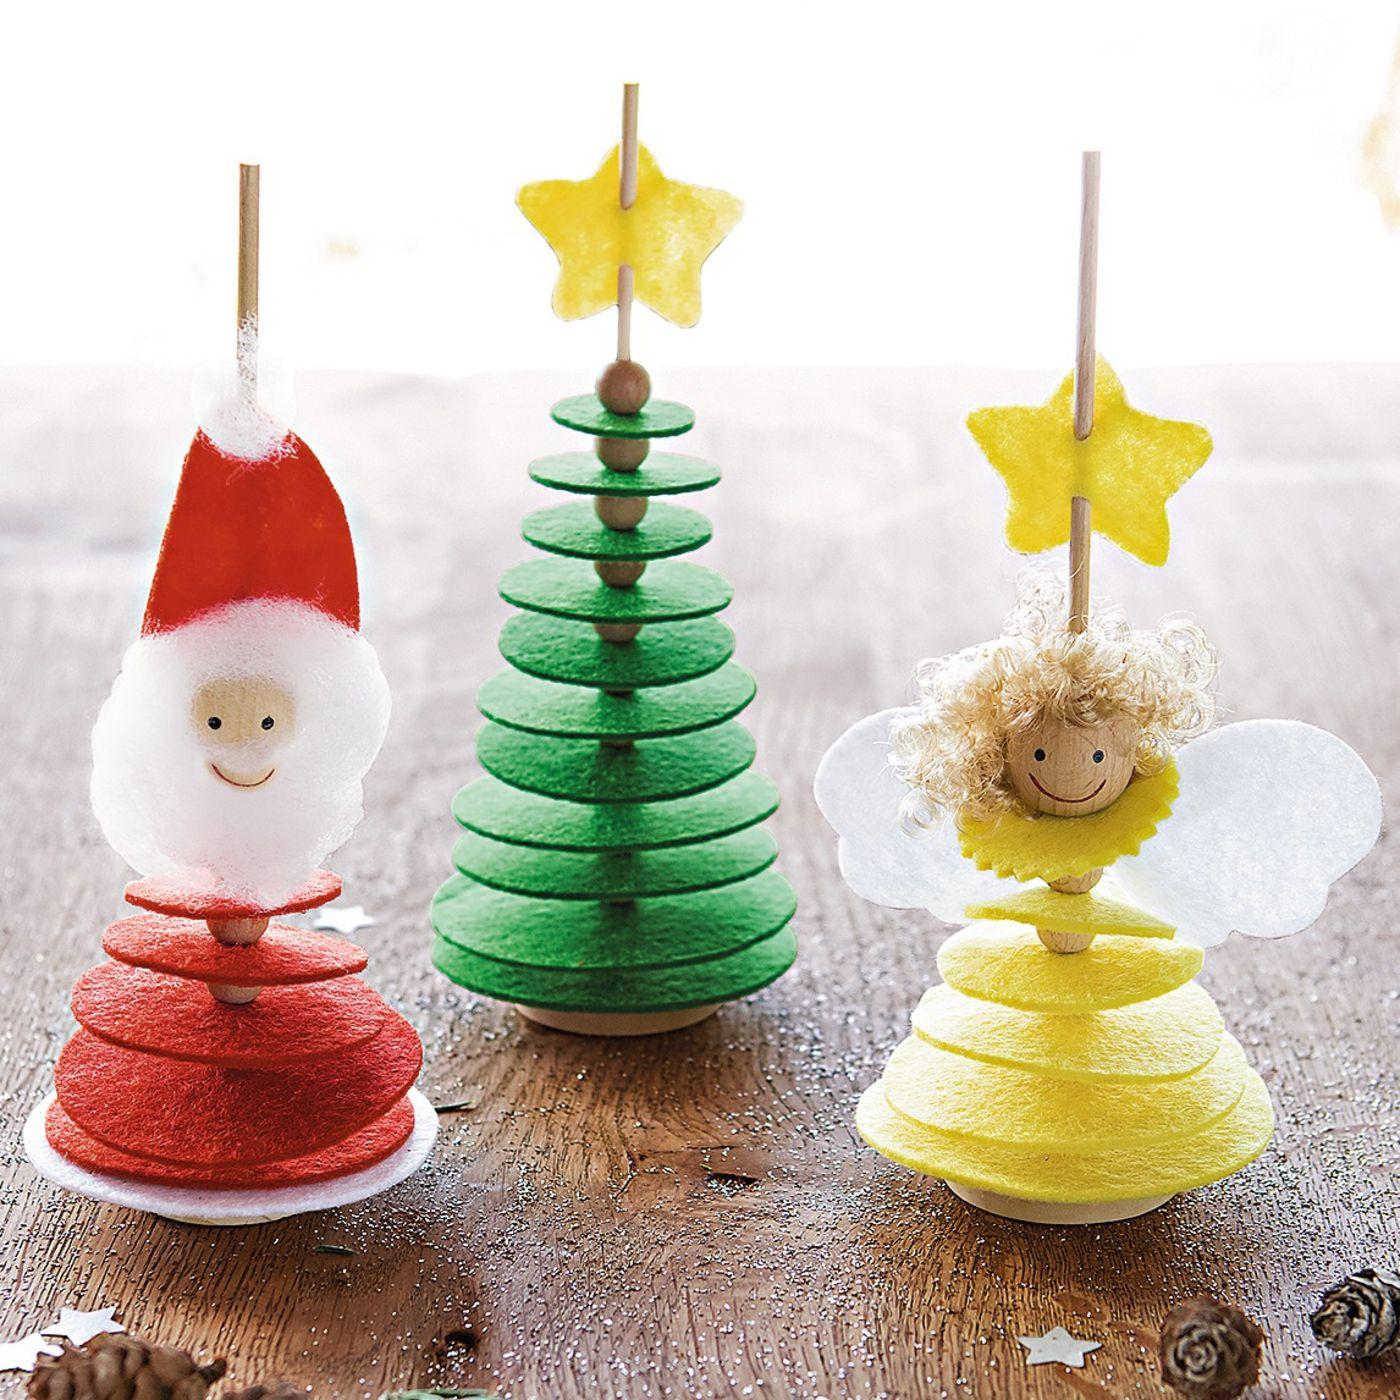 filz stecker weihnachten bastelset f r 3 st ck online bestellen jako o weihnachtsbasteln. Black Bedroom Furniture Sets. Home Design Ideas